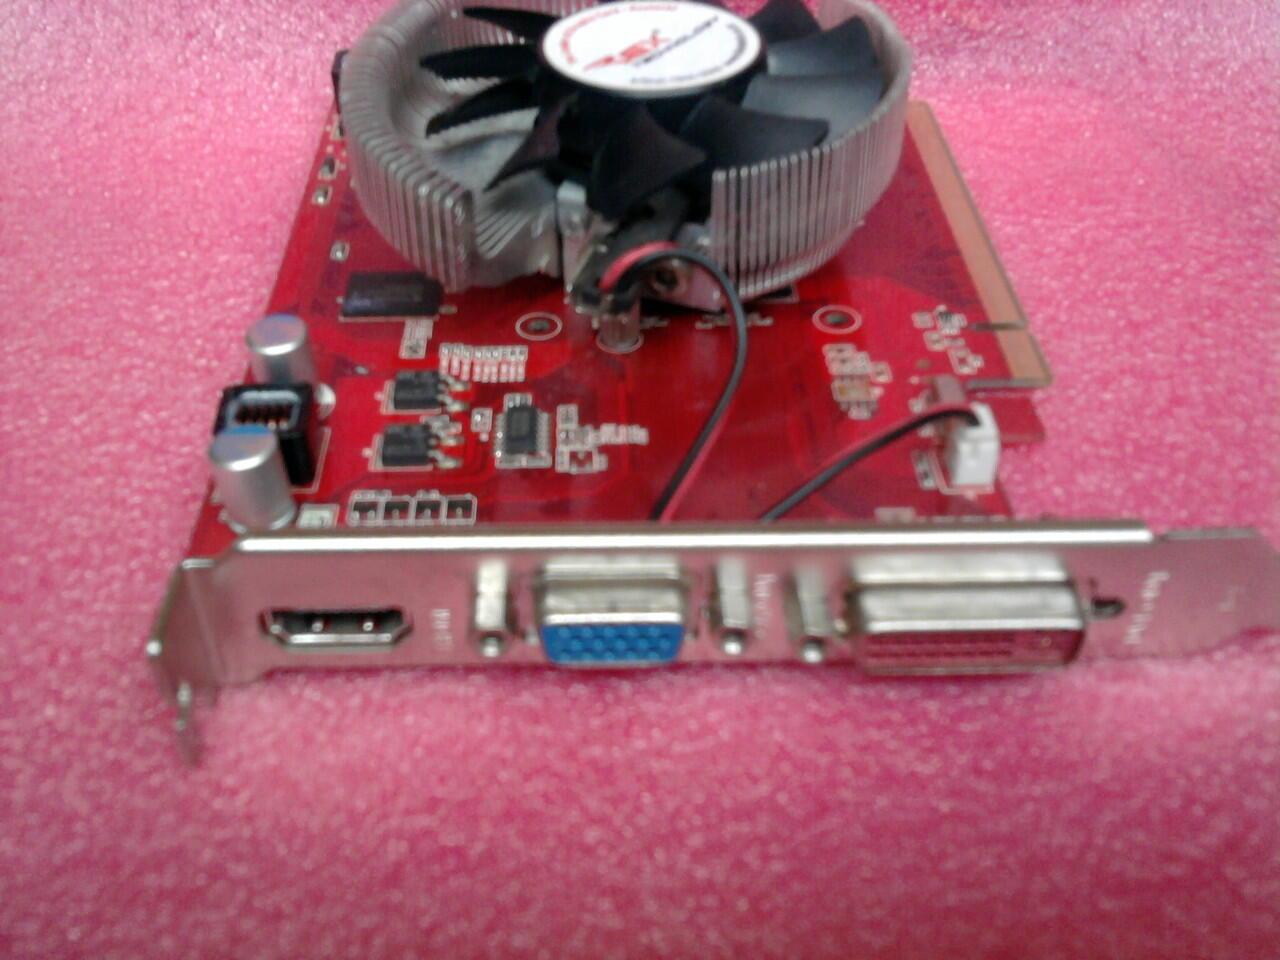 HD2600 PRO 256MB GDDR3 128BIT